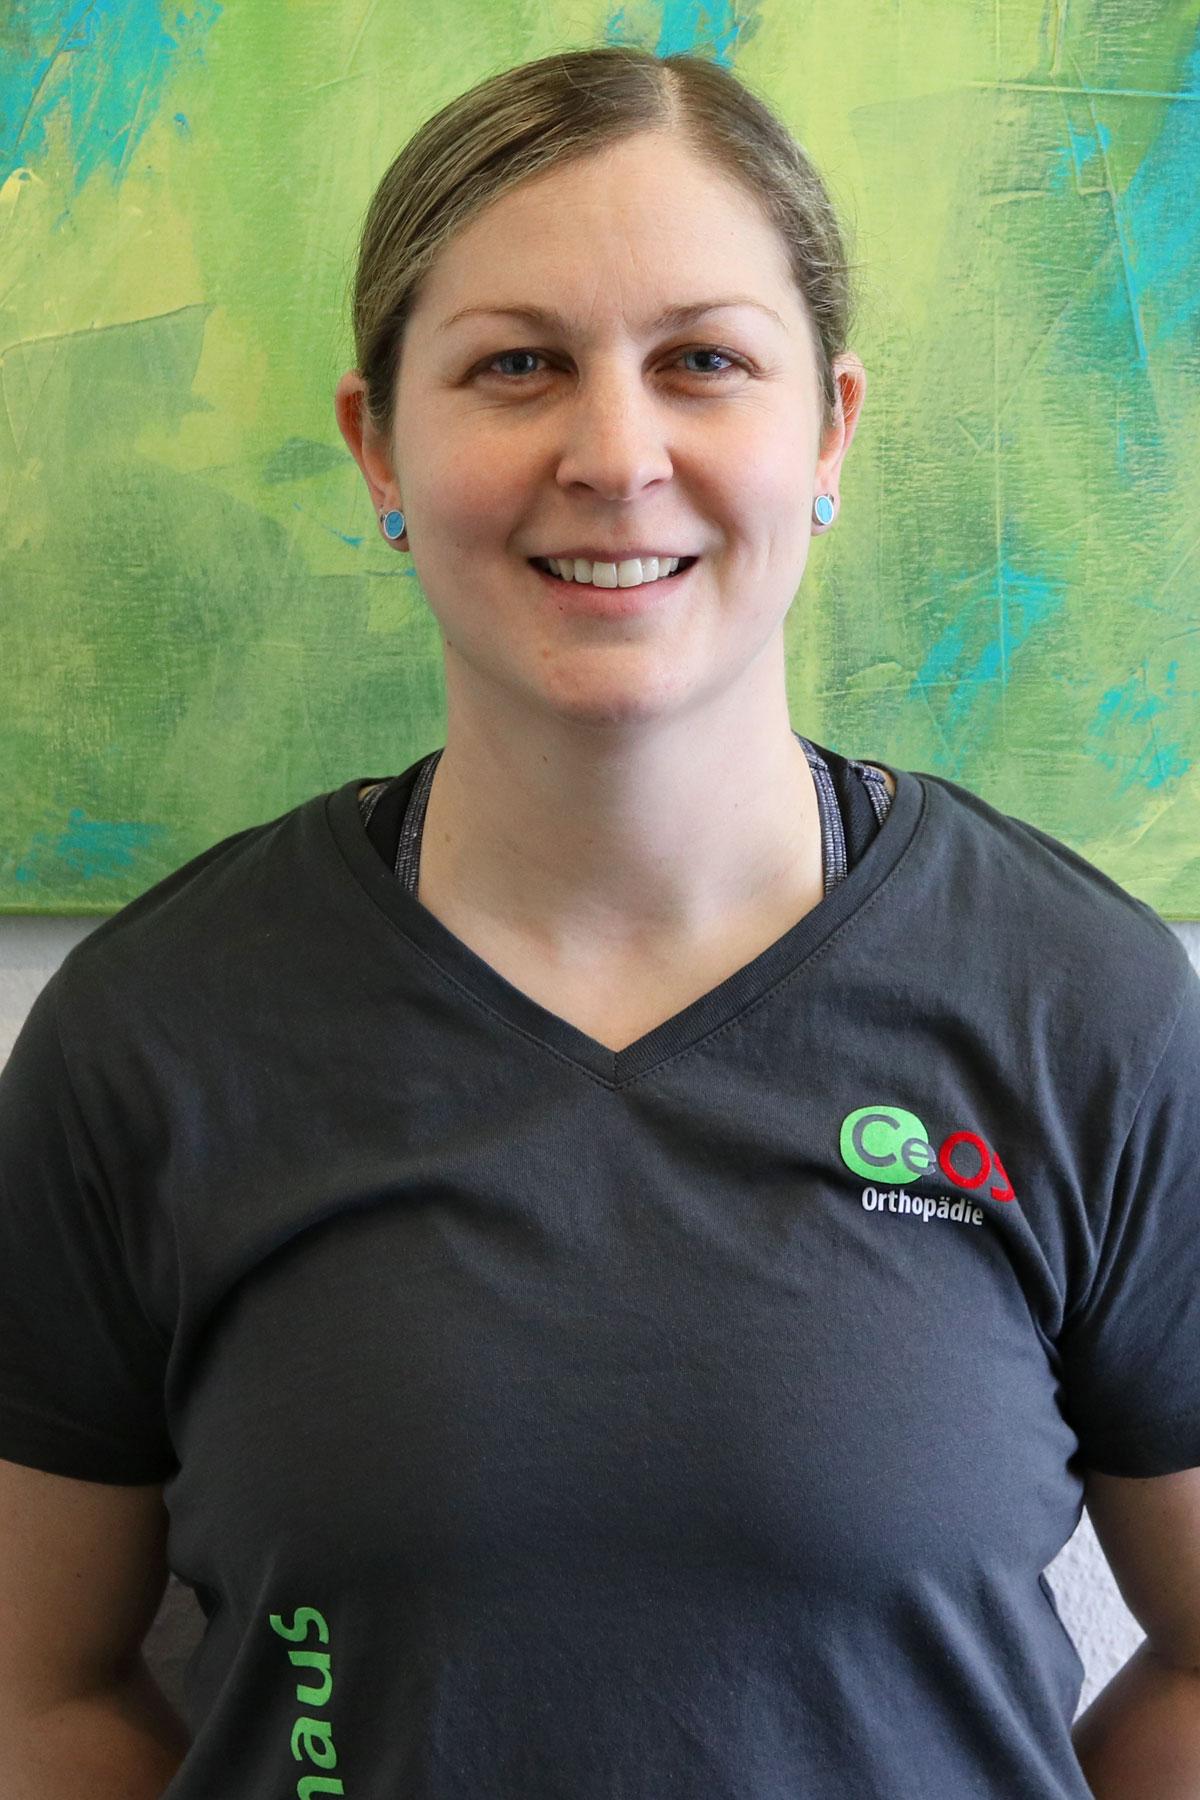 Dorina Baumgärtner